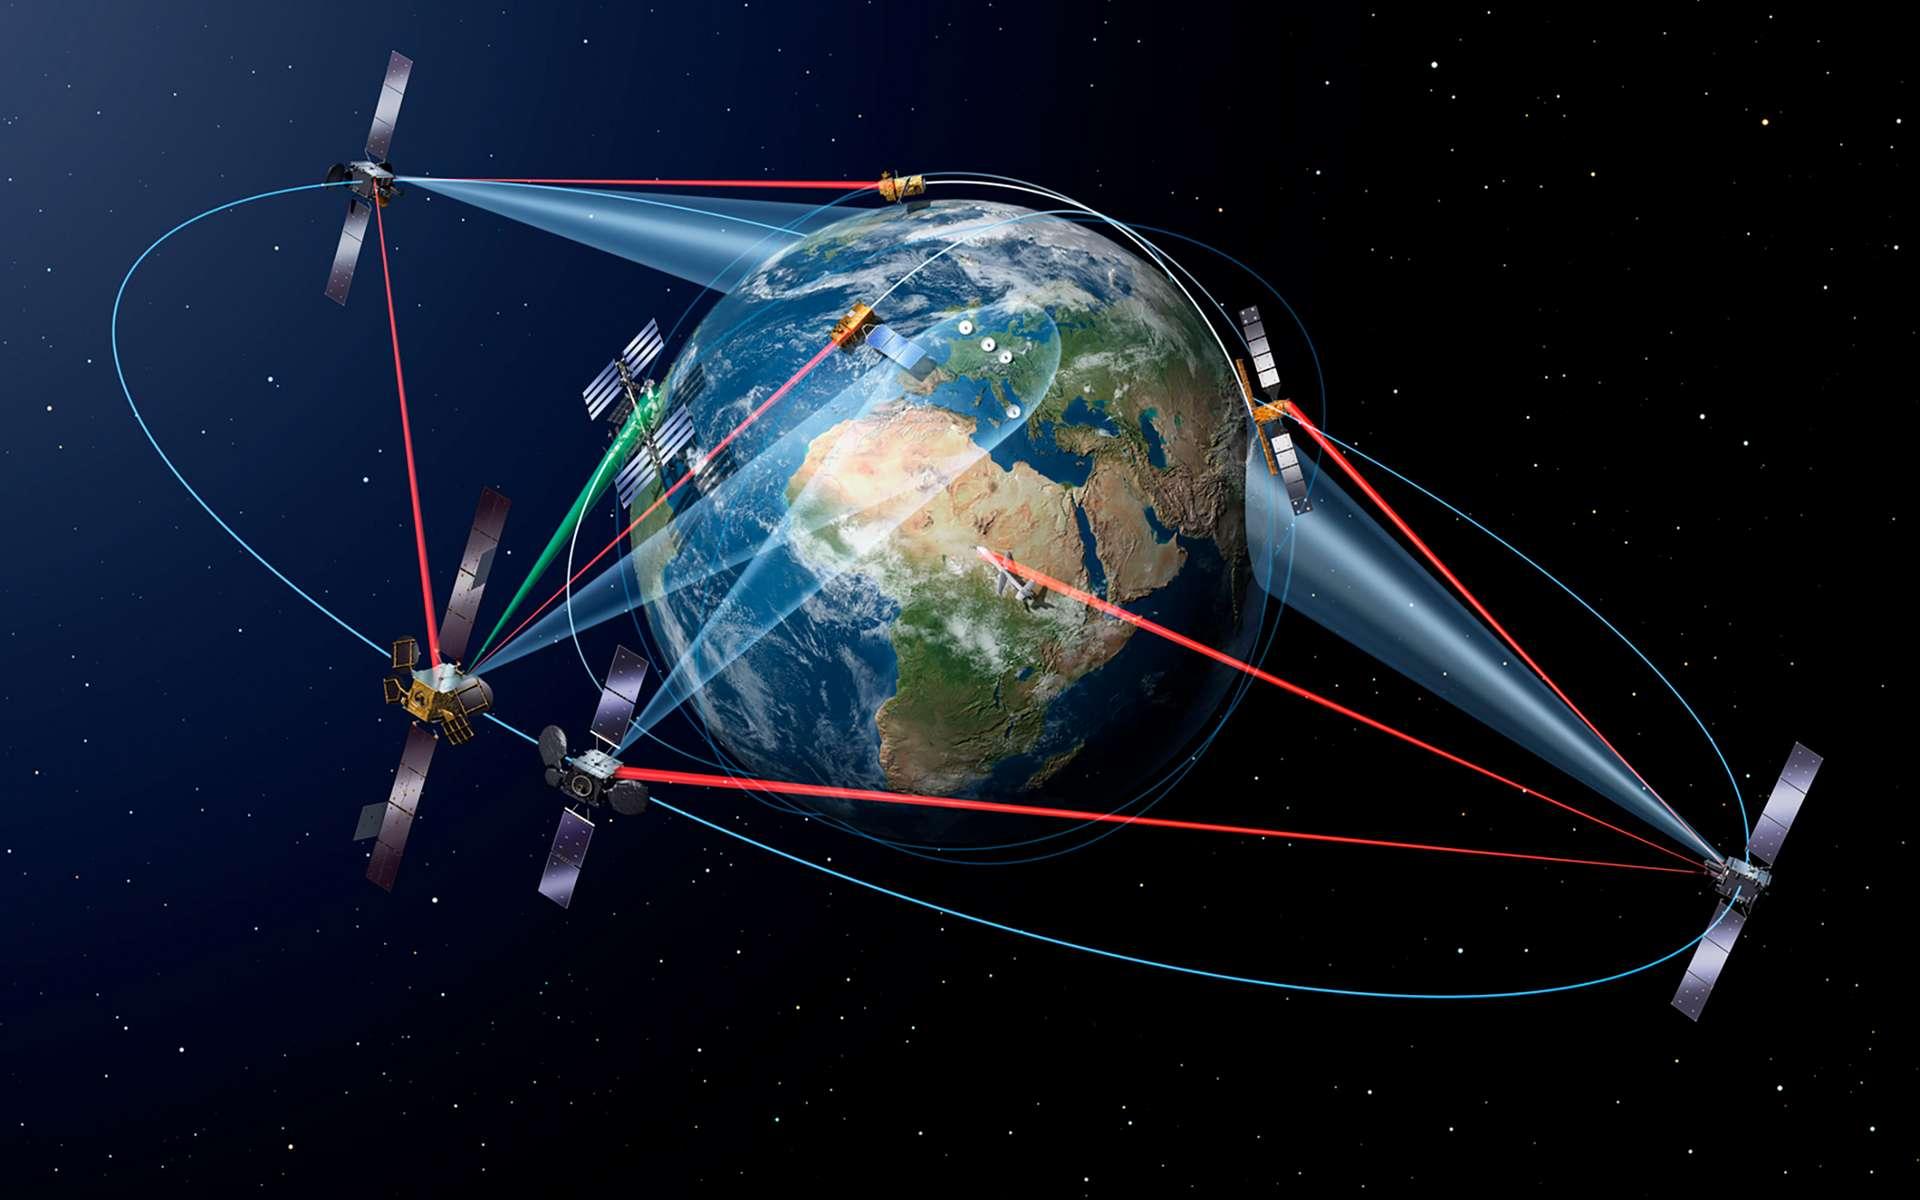 L'autoroute spatiale de la donnée, ou SpaceDataHighway, fonctionnera de la manière suivante : un terminal laser en orbite géostationnaire sera utilisé pour relayer vers la terre ferme des données acquises par un satellite en orbite basse. © ESA